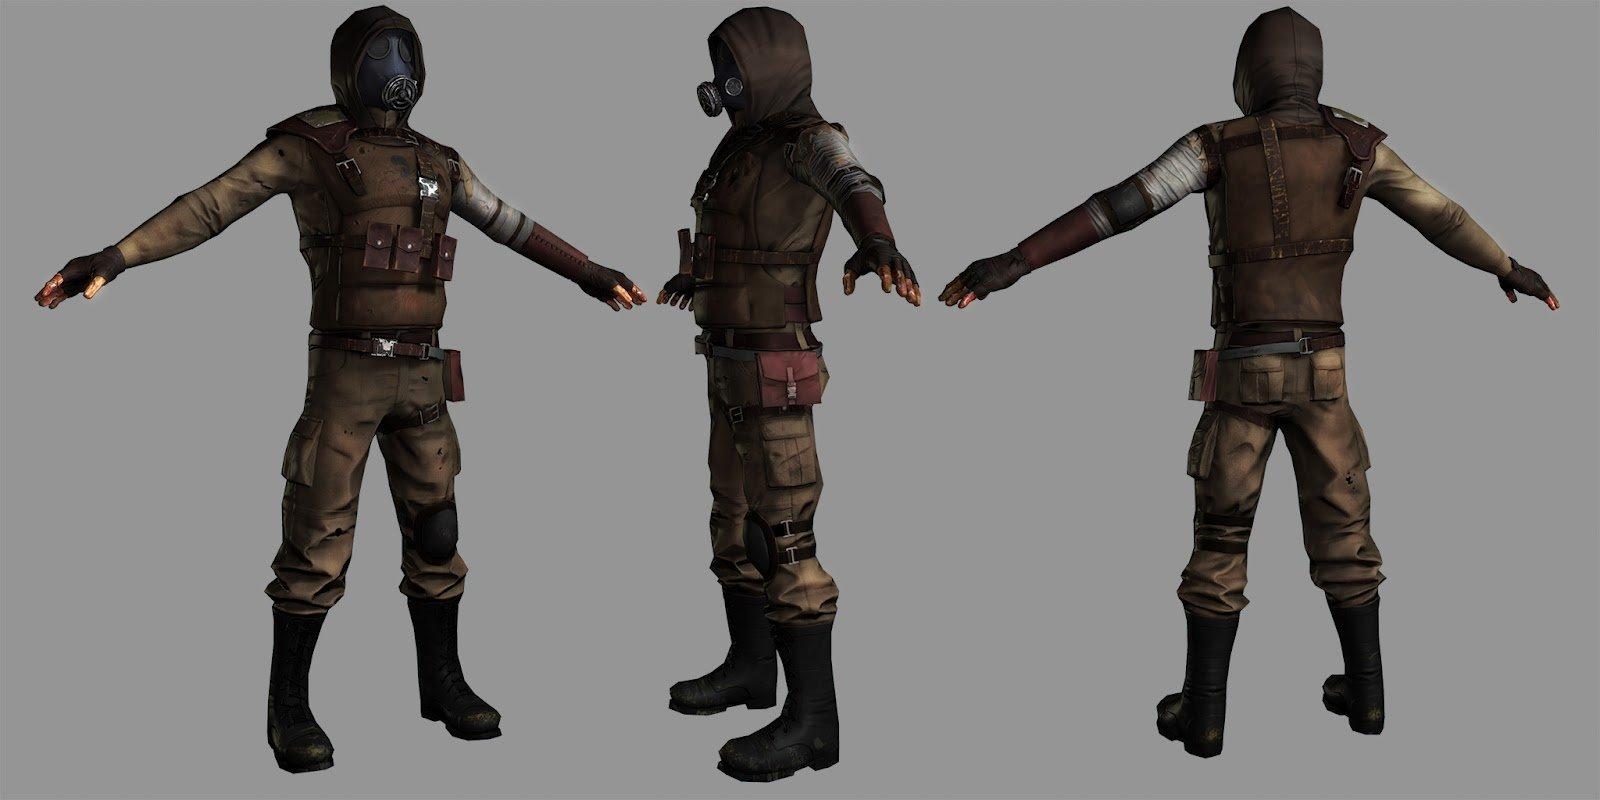 Релиз русификации неофициального дополнения для Fallout: New Vegas - Beyond Boulder Dome. - Изображение 10